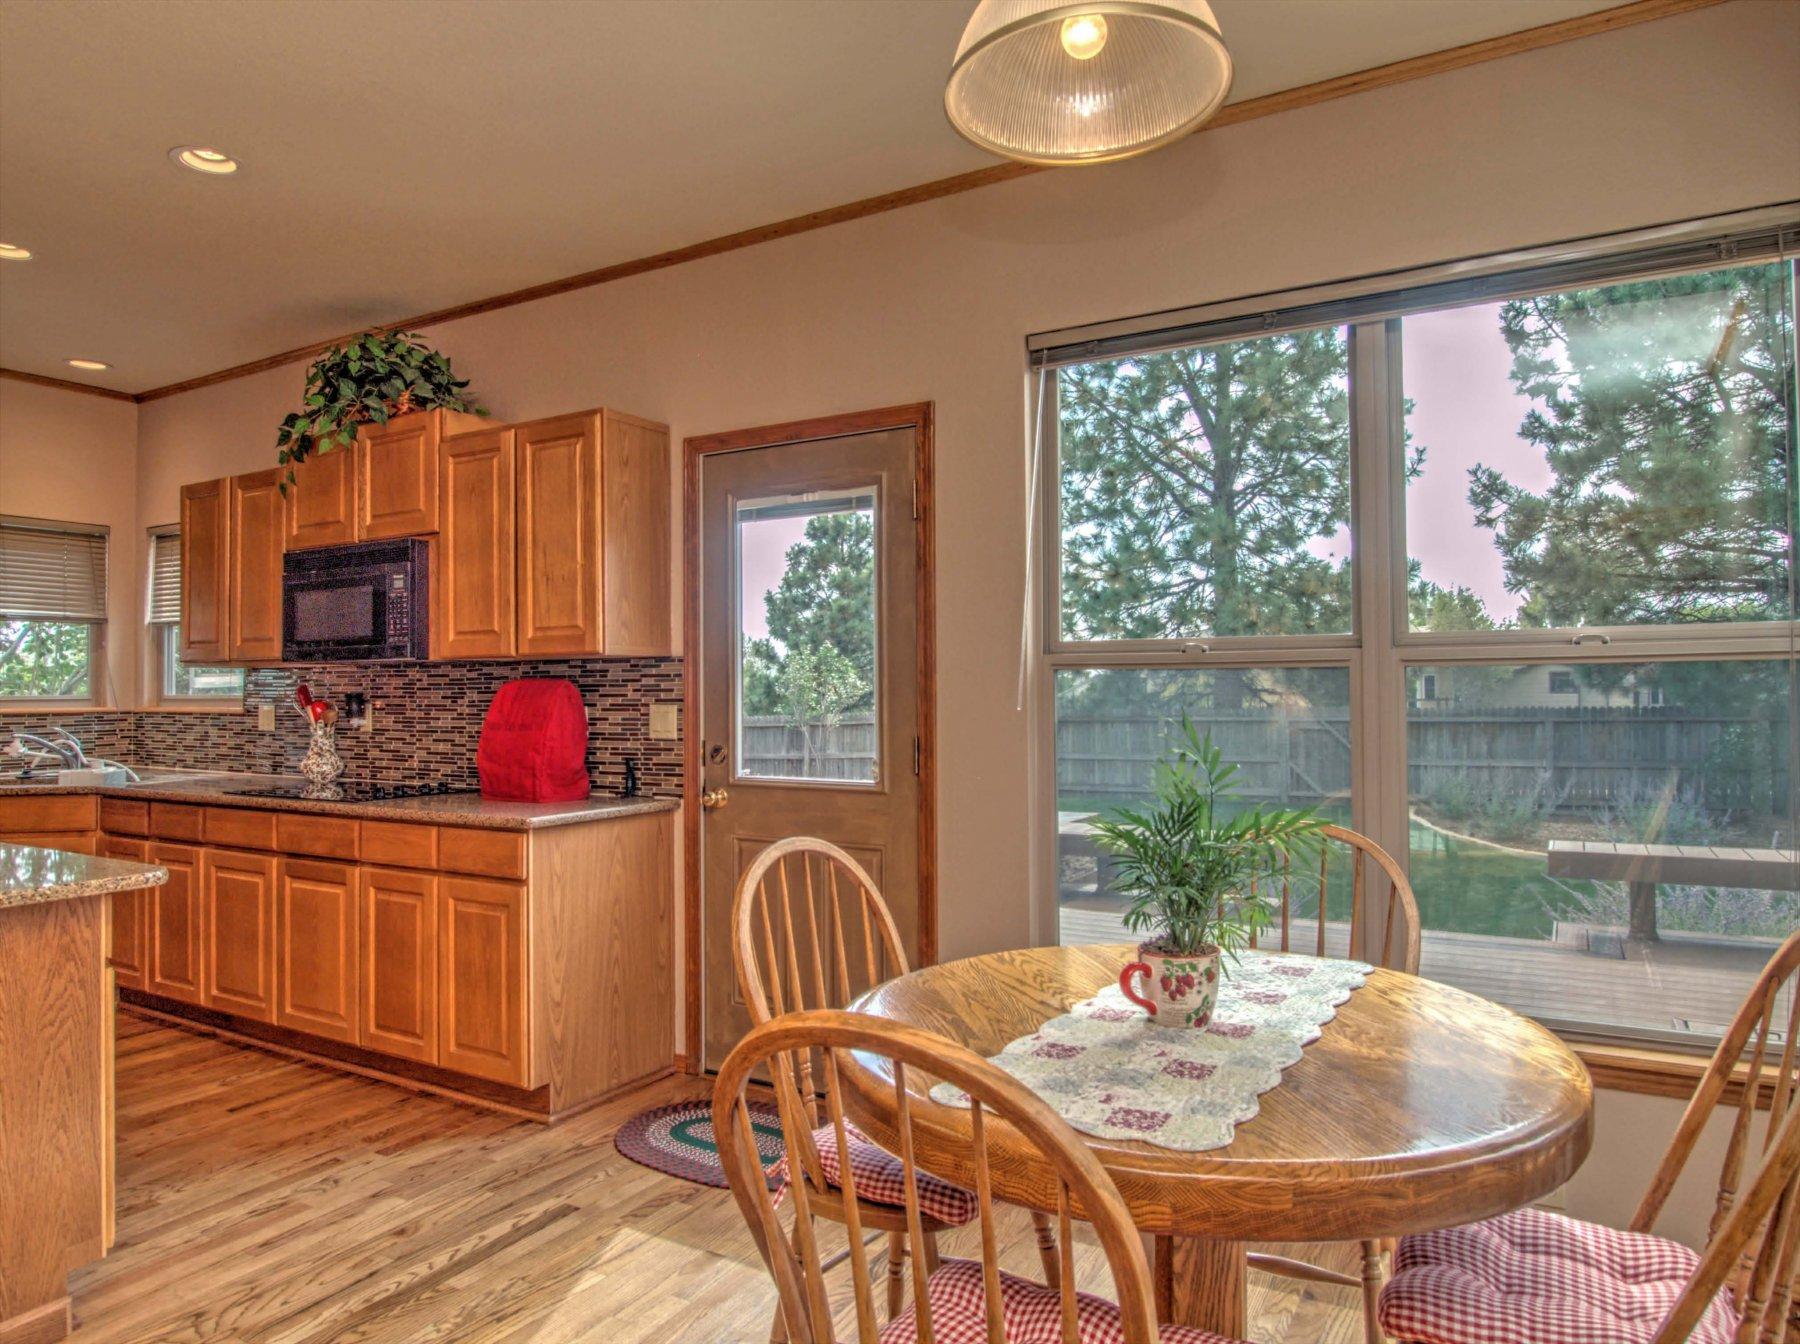 14-930-KitchenNook.jpg